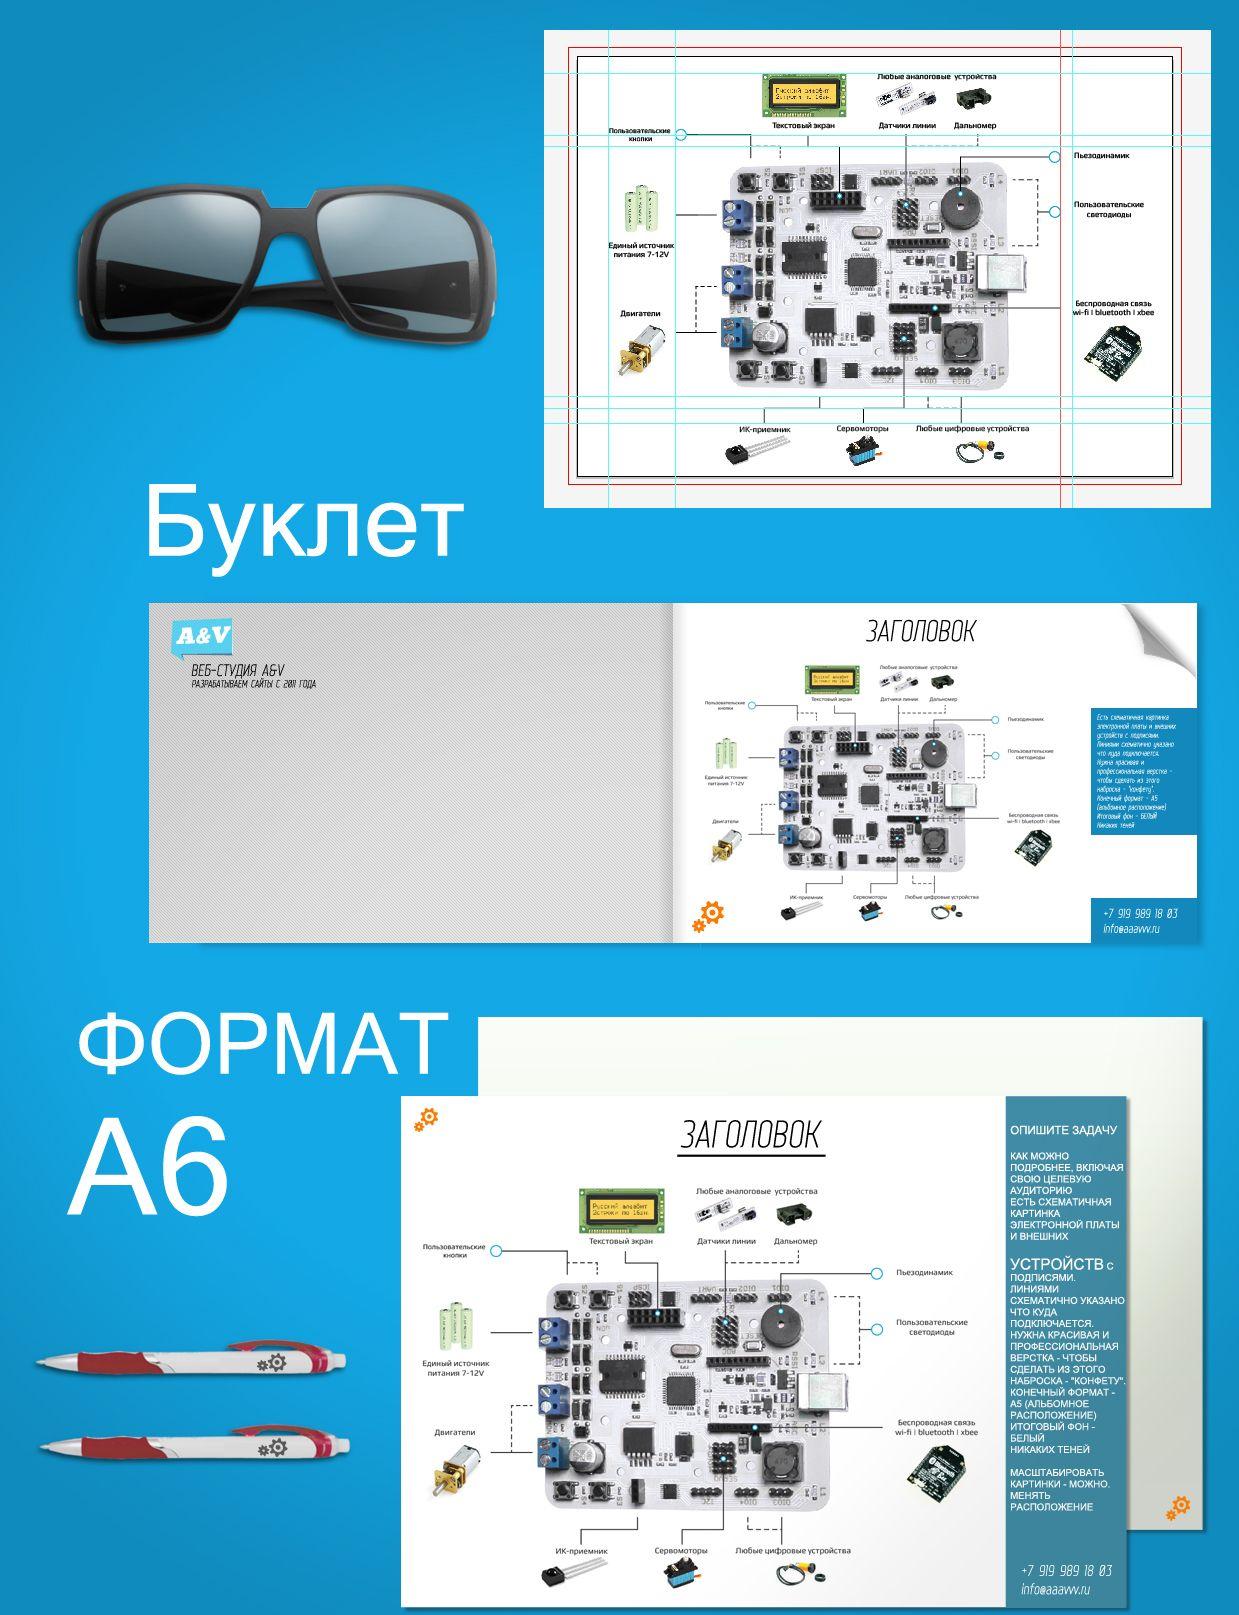 Дизайн-верстка изображения для листовки - дизайнер Kozorezov